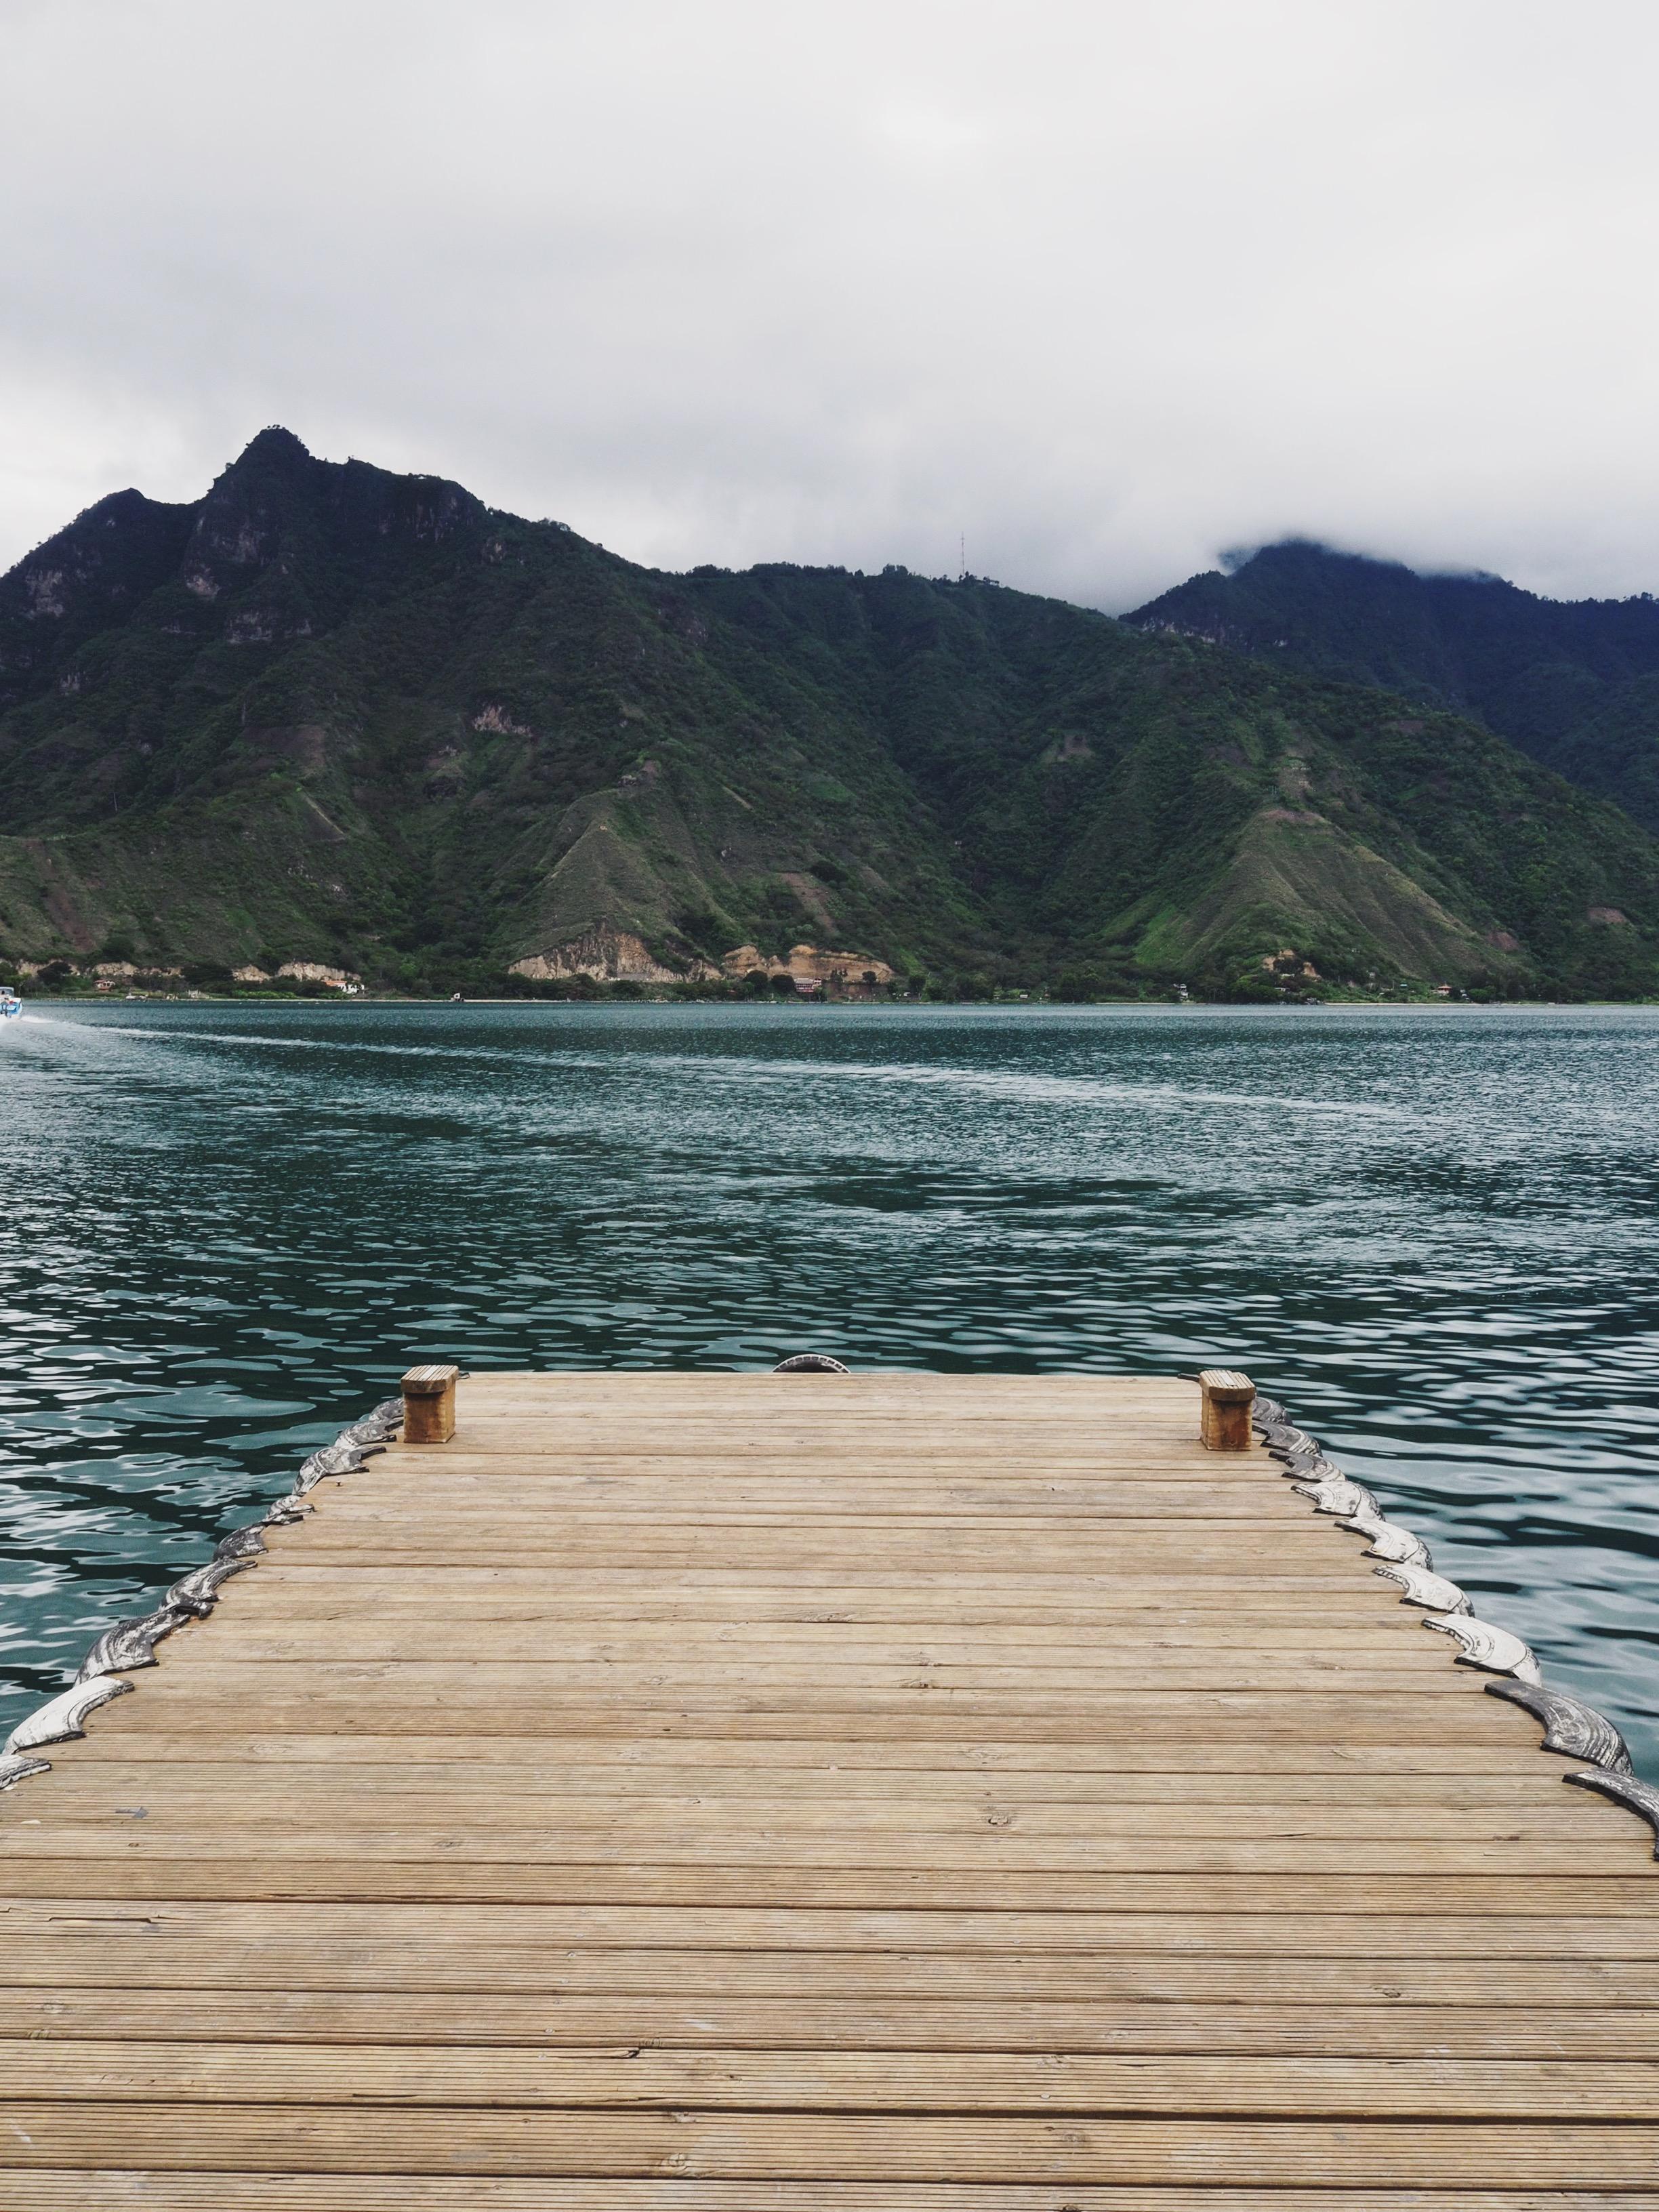 Boat dock in San Pedro La Laguna